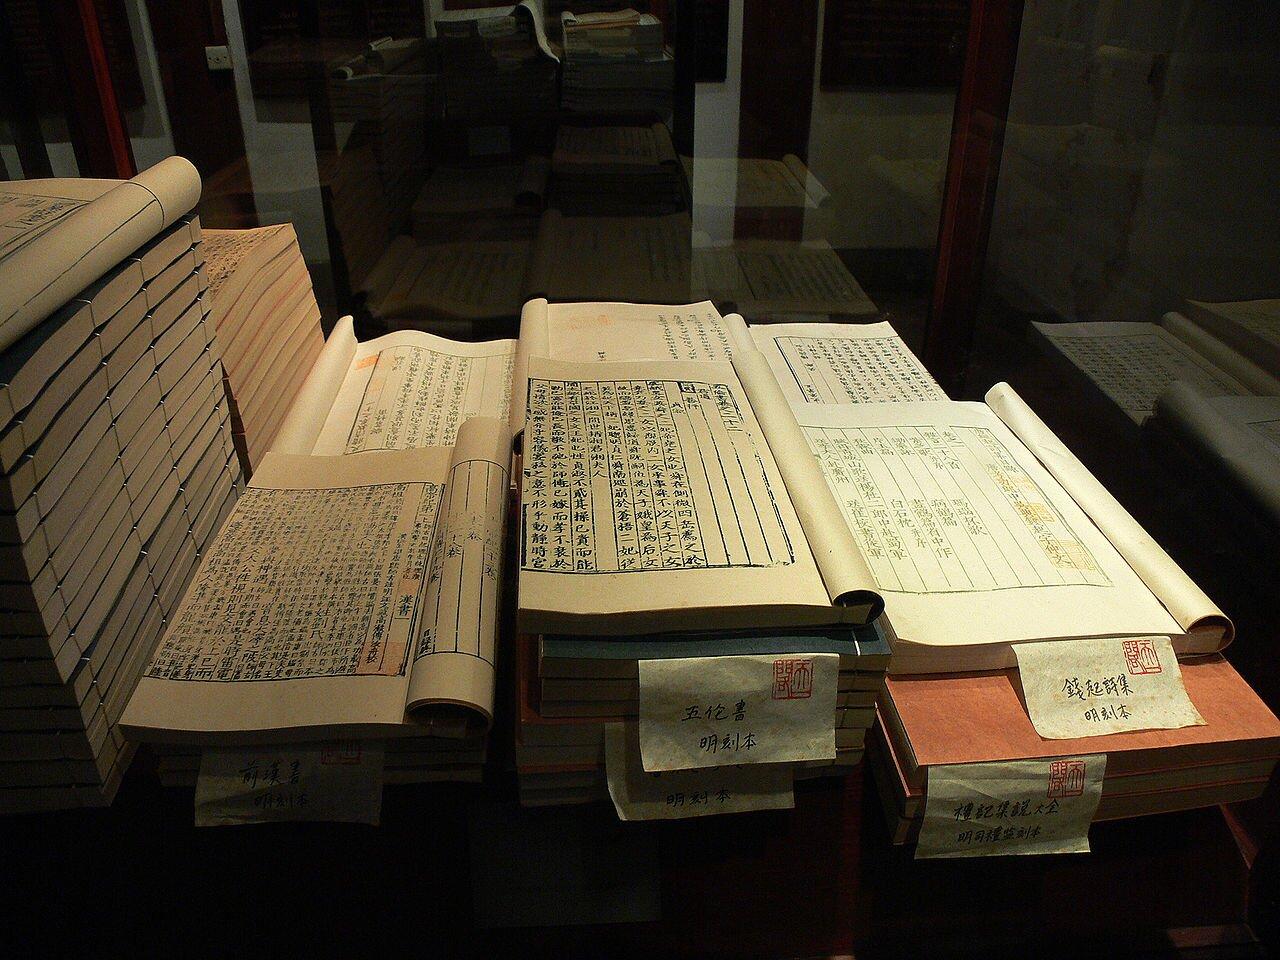 Fotografia przedstawia stosy kartek papieru ułożone obok siebie na stole, które są zapisane chińskimi znakami.